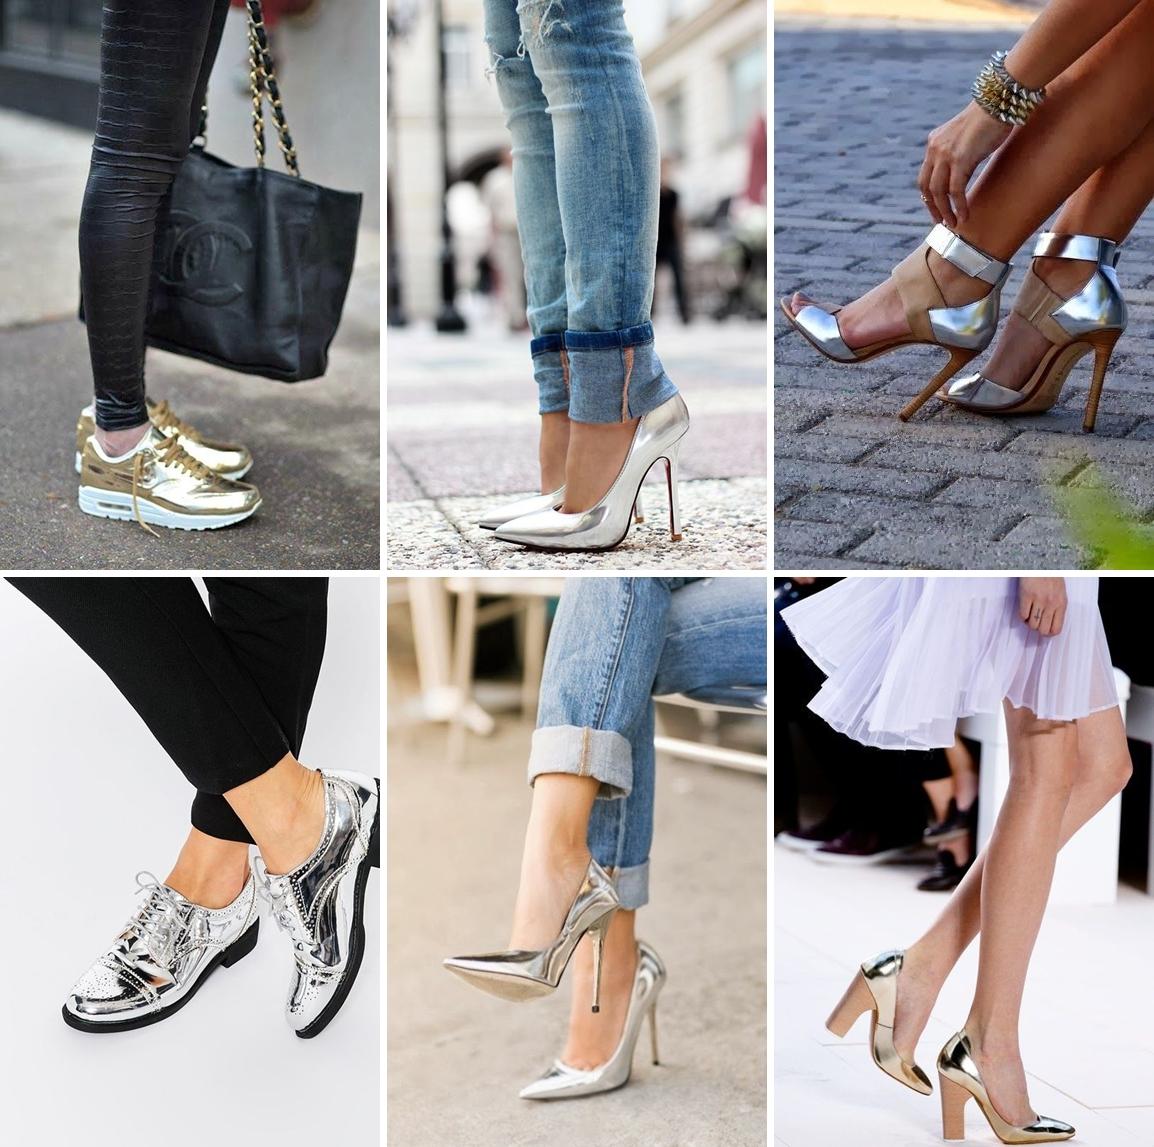 sapatos metalizados3